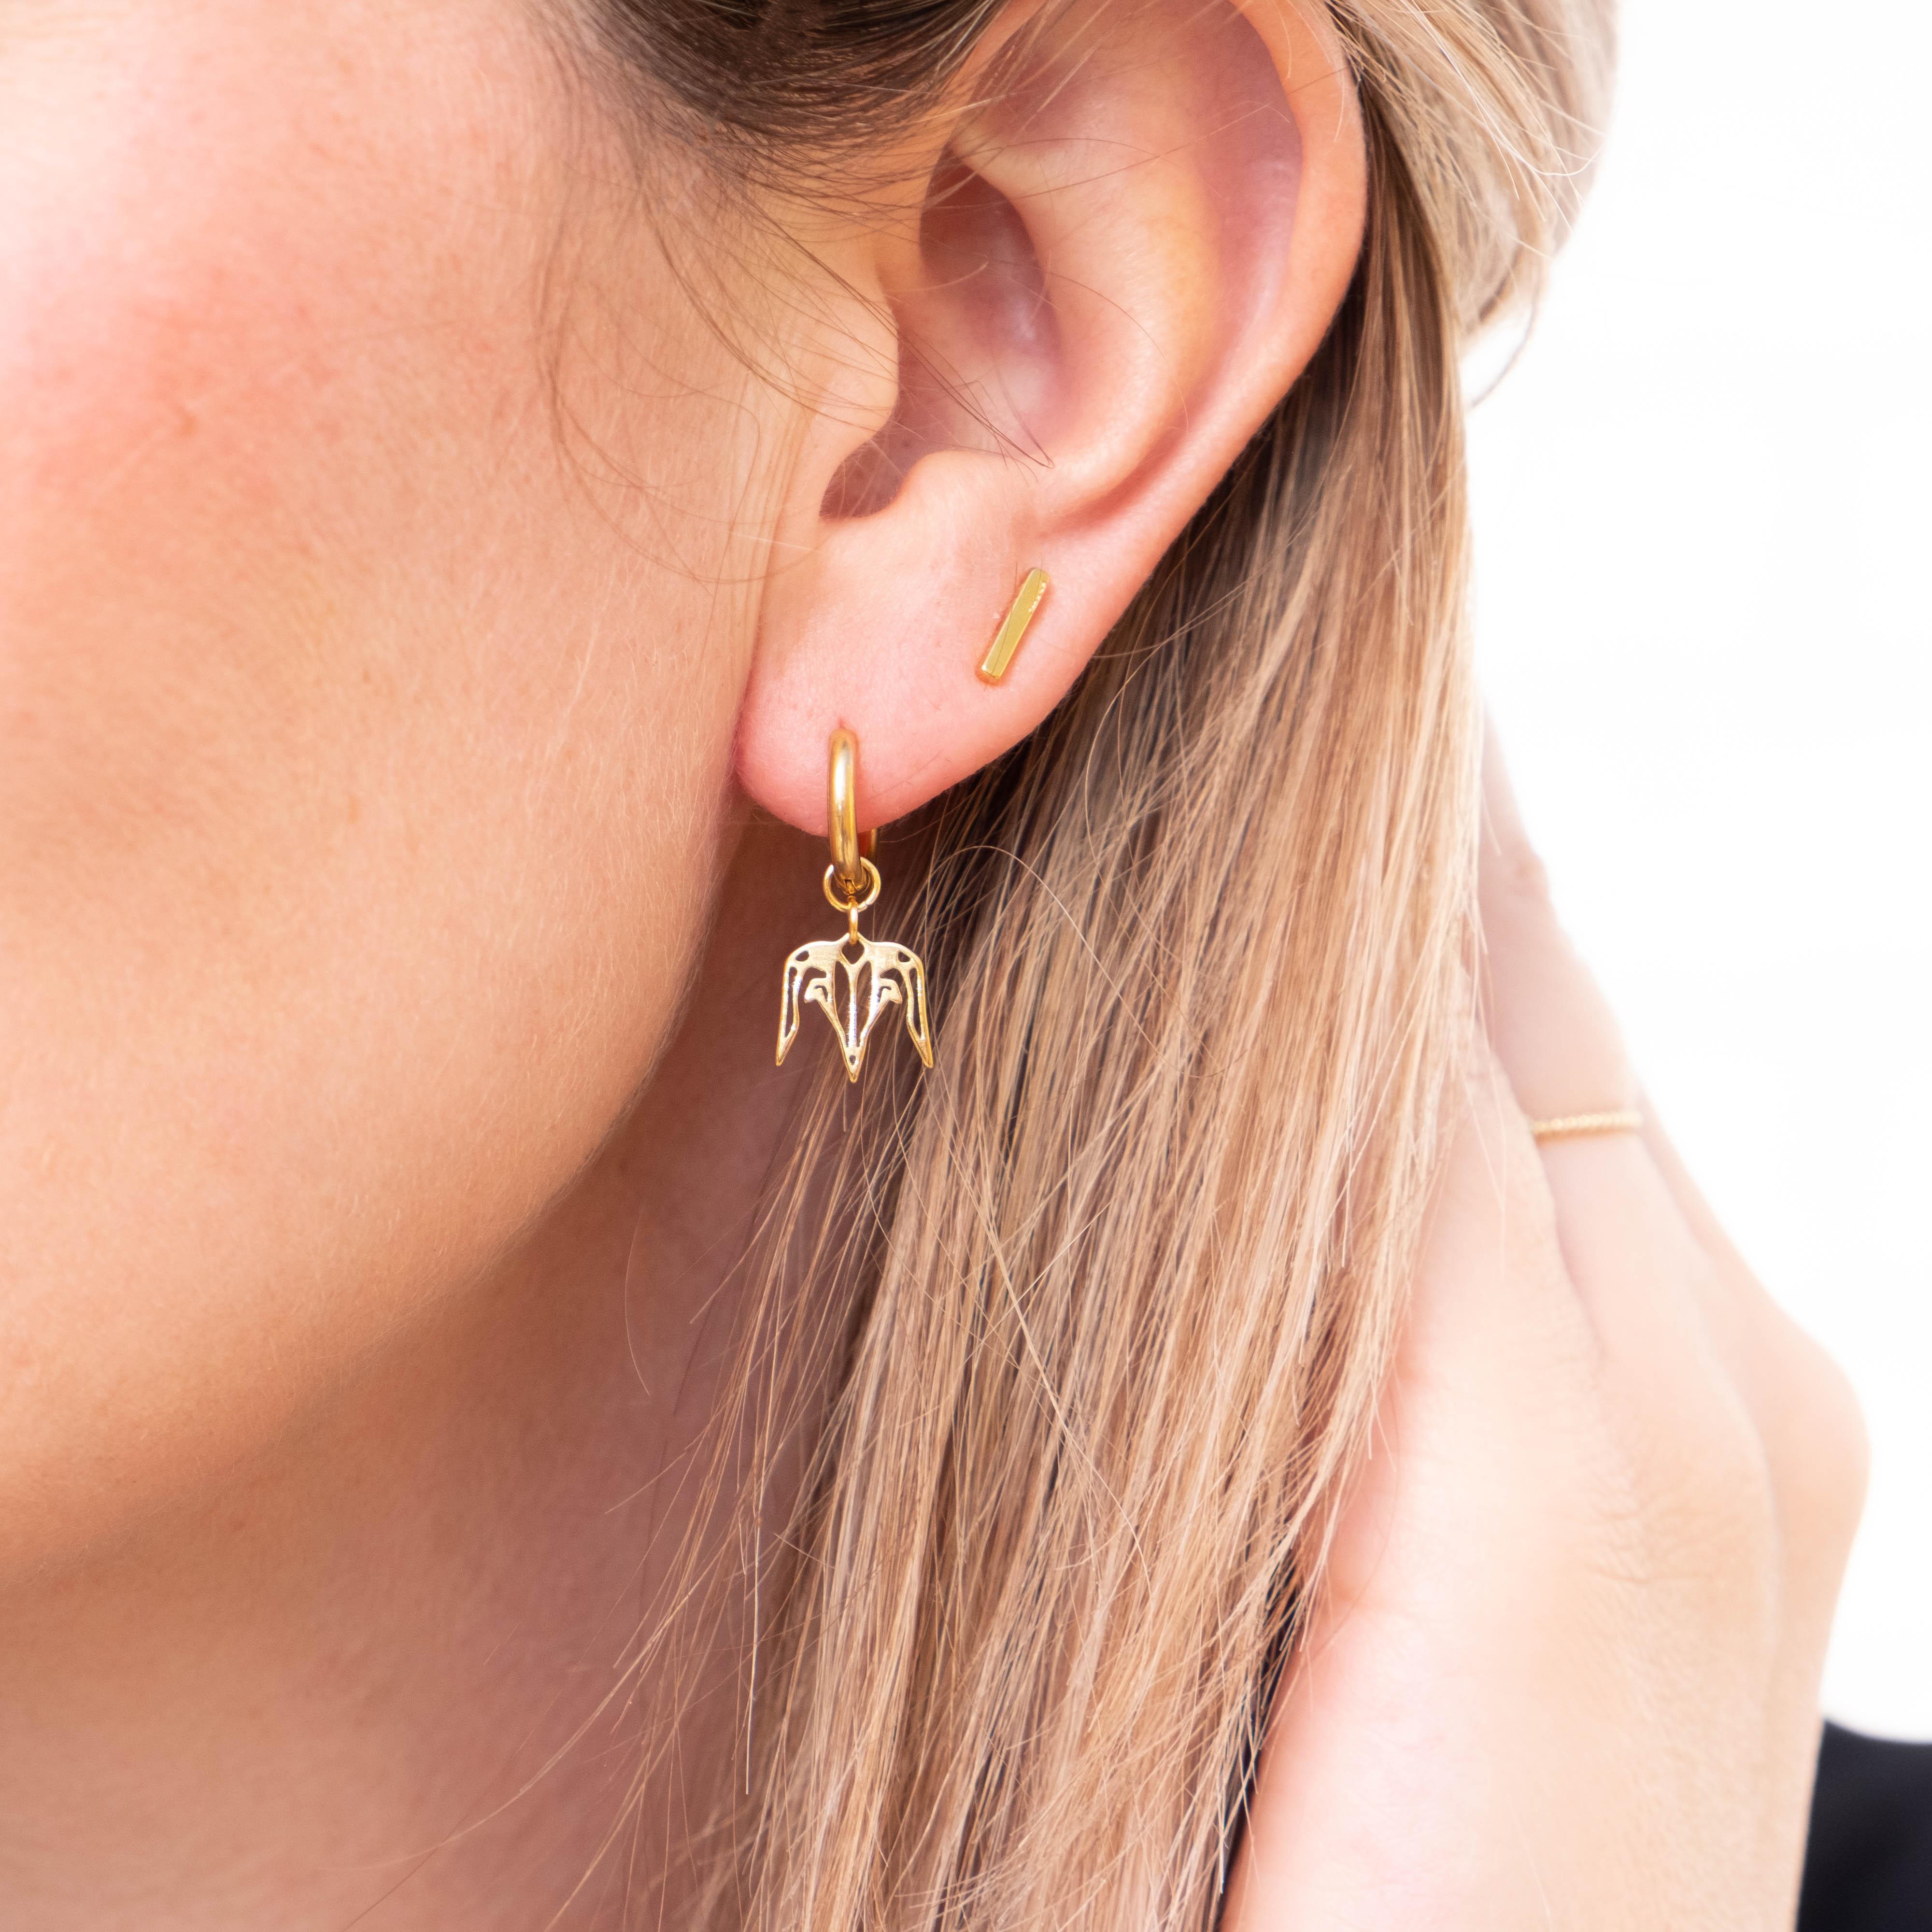 Gouden steenbok oorbel bij vrouw met blonde haren